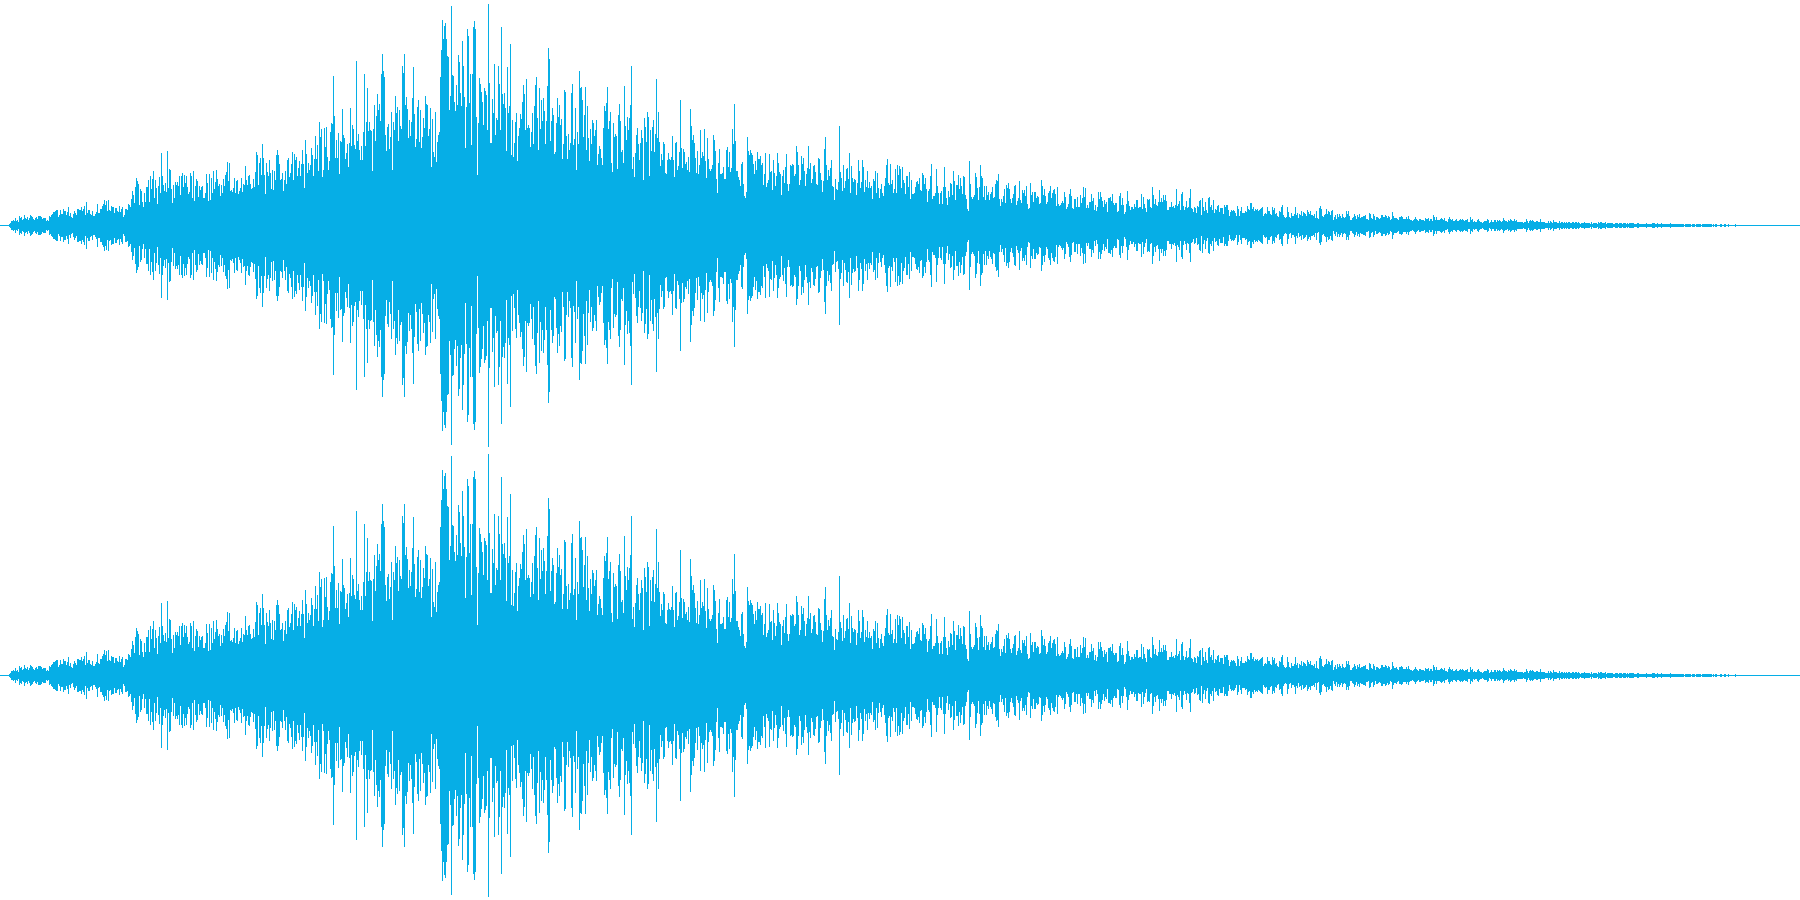 シューワワーン(ワープ系)の再生済みの波形